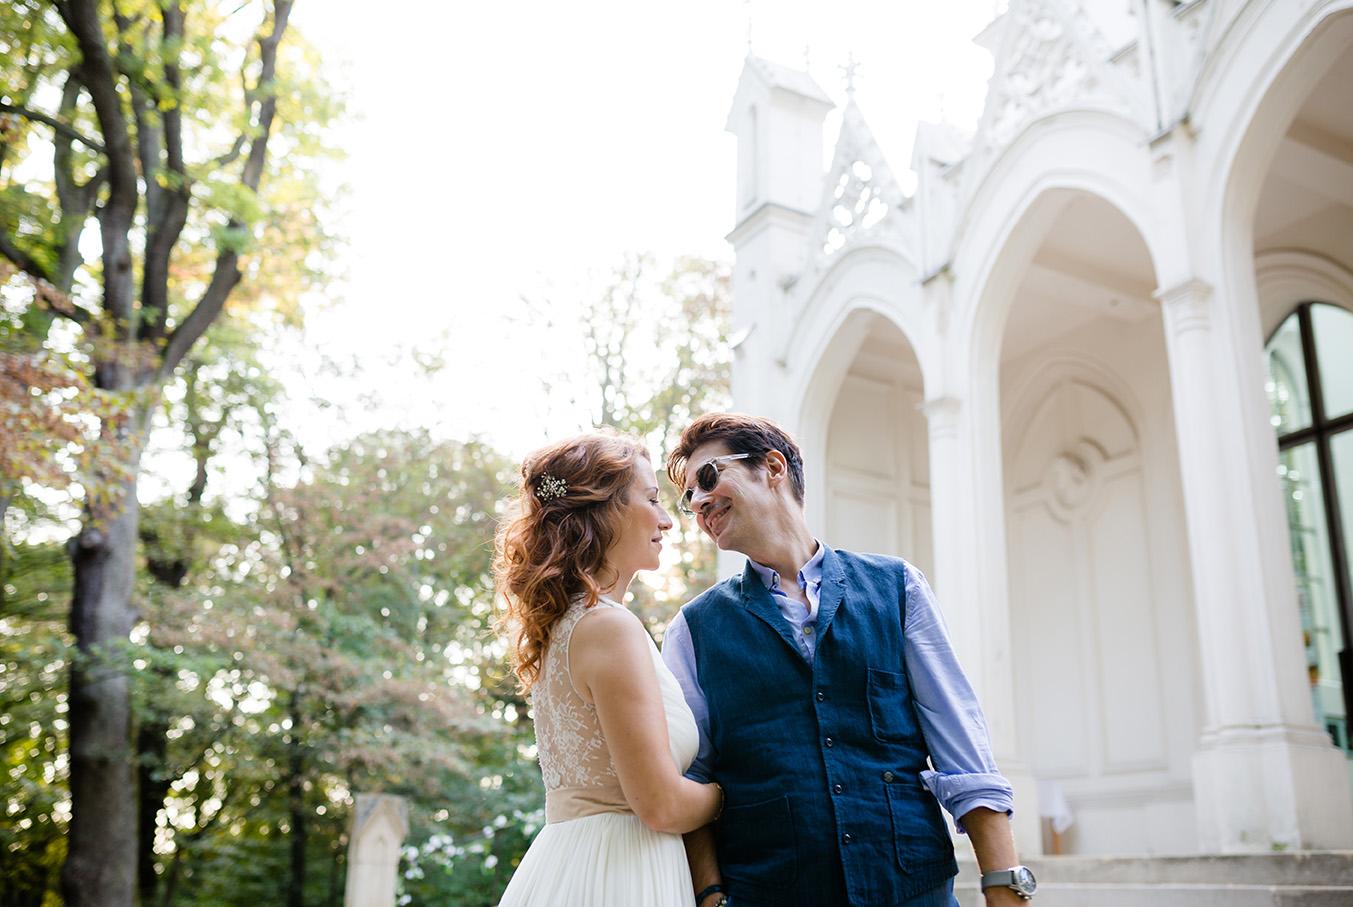 Vienna_Wien_Afterwedding_Hochzeit_Paar_Couple_37